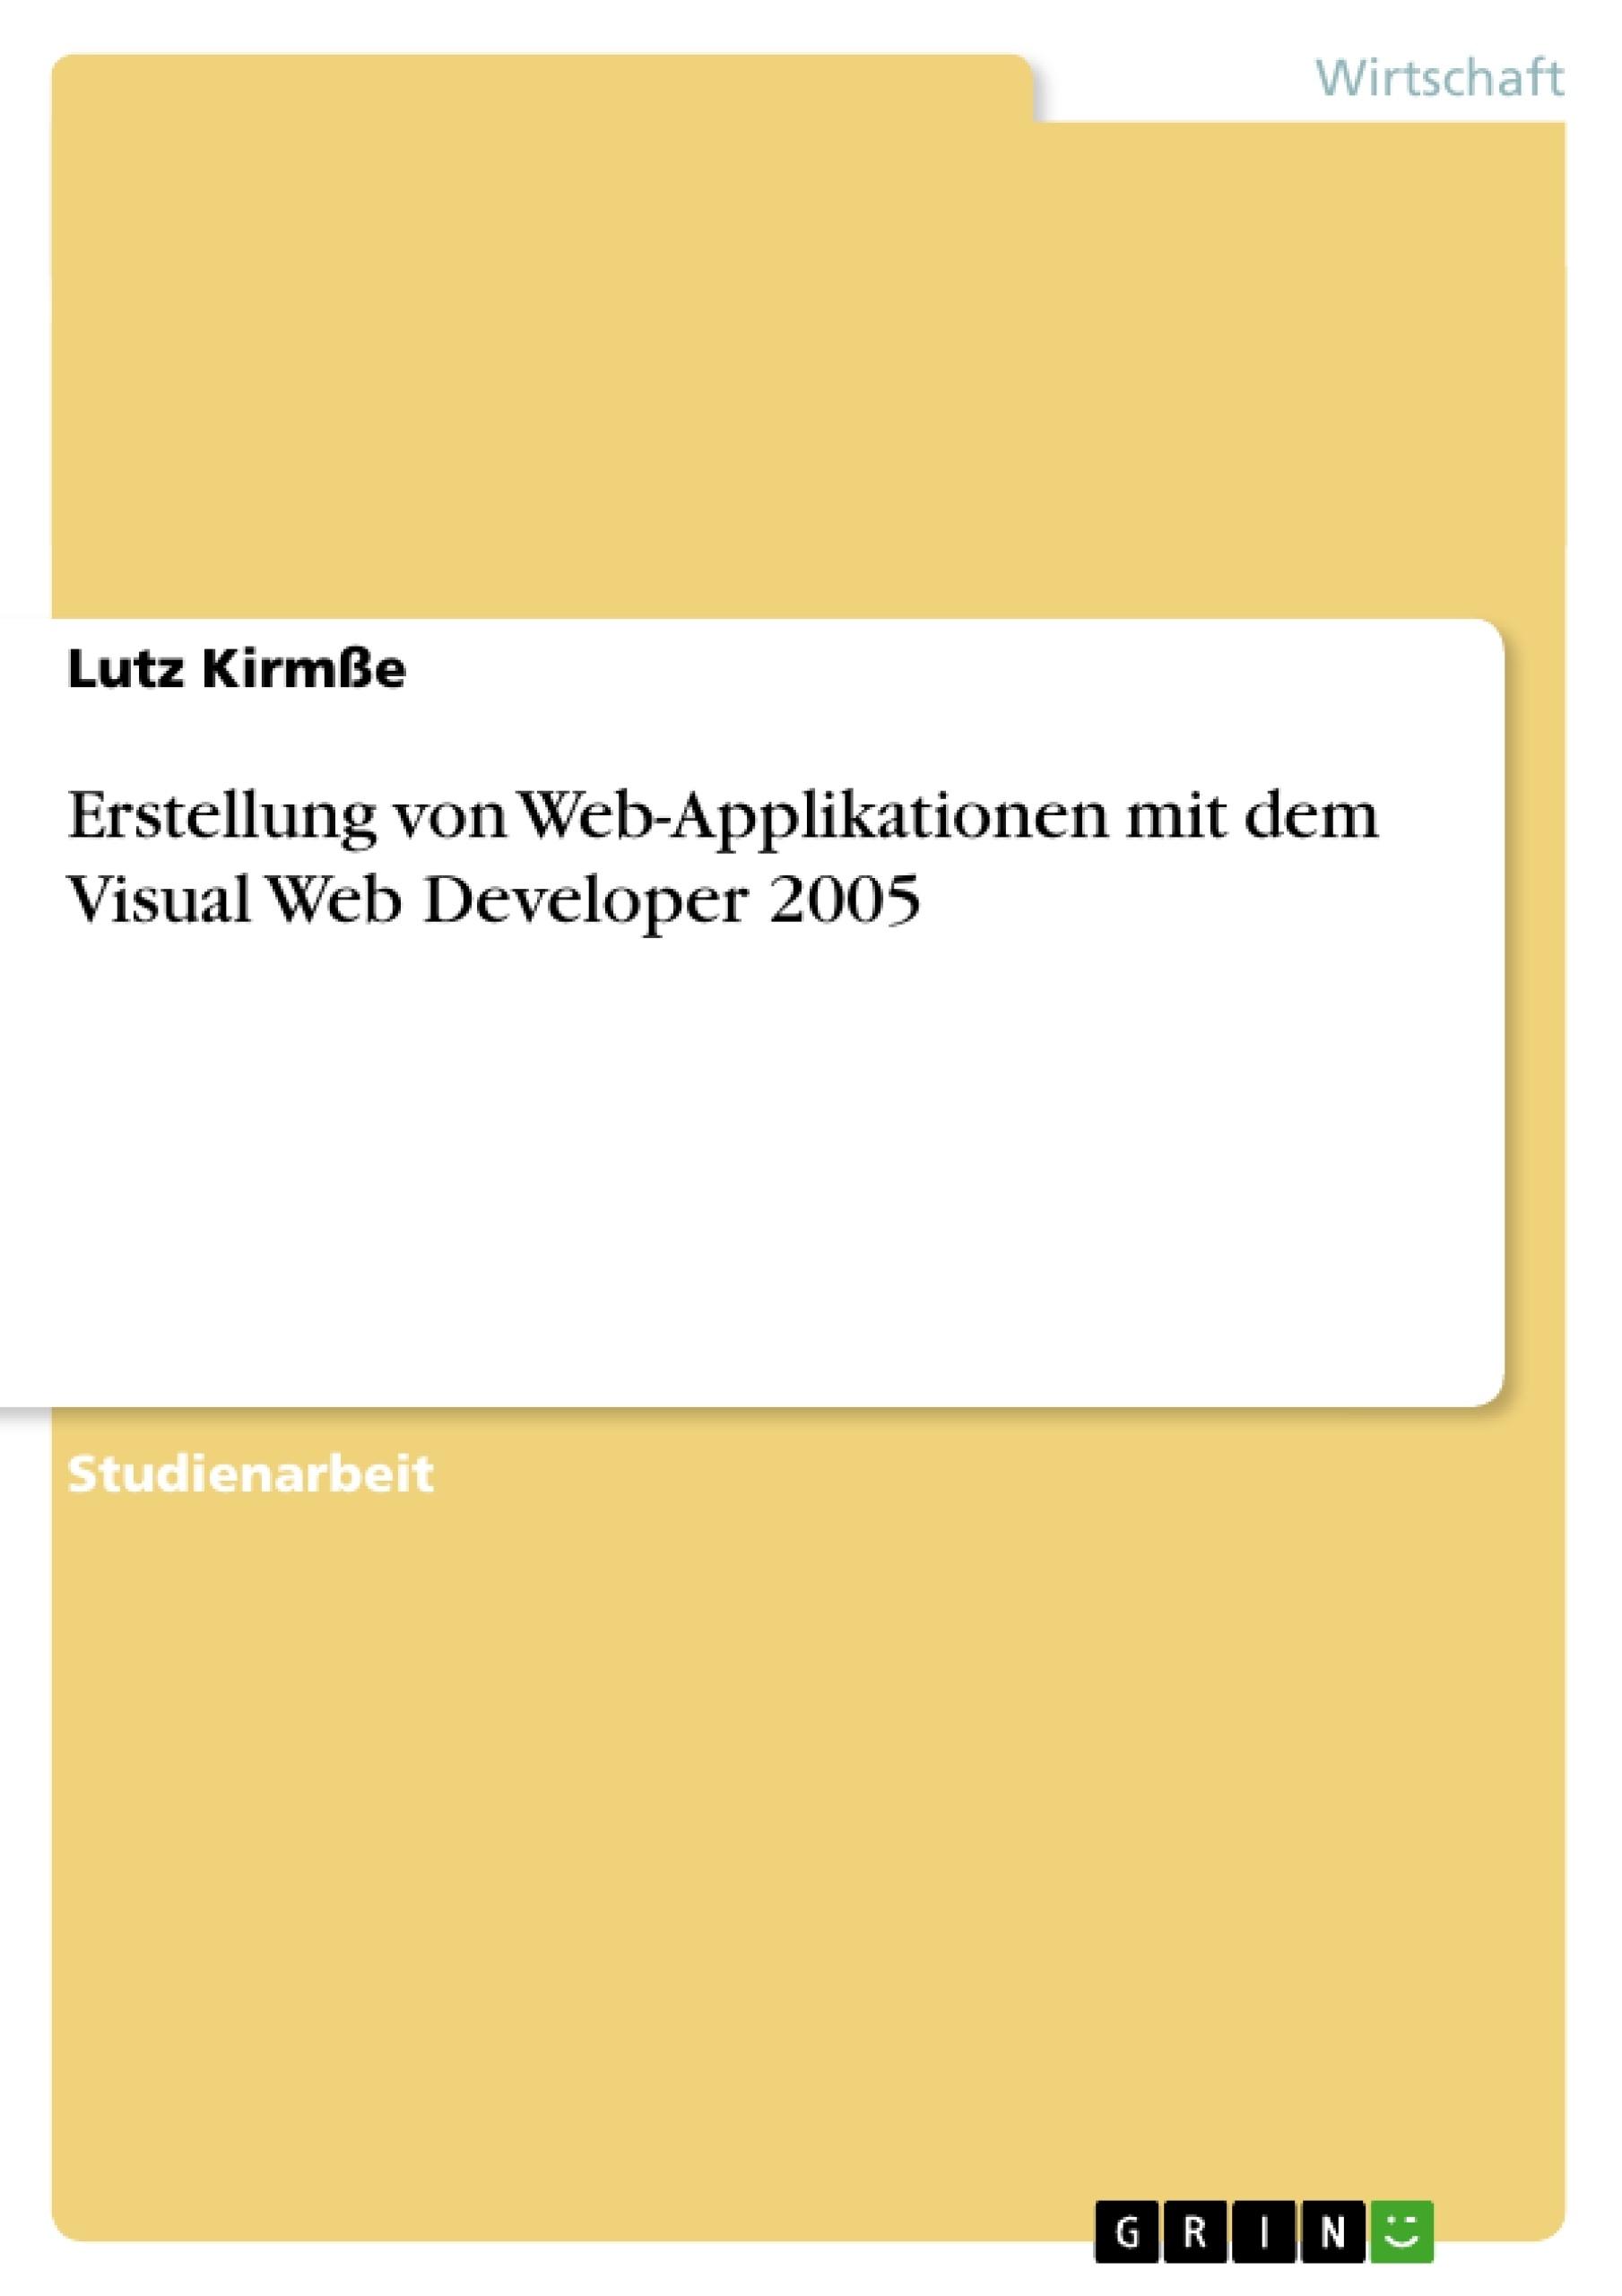 Titel: Erstellung von Web-Applikationen mit dem Visual Web Developer 2005